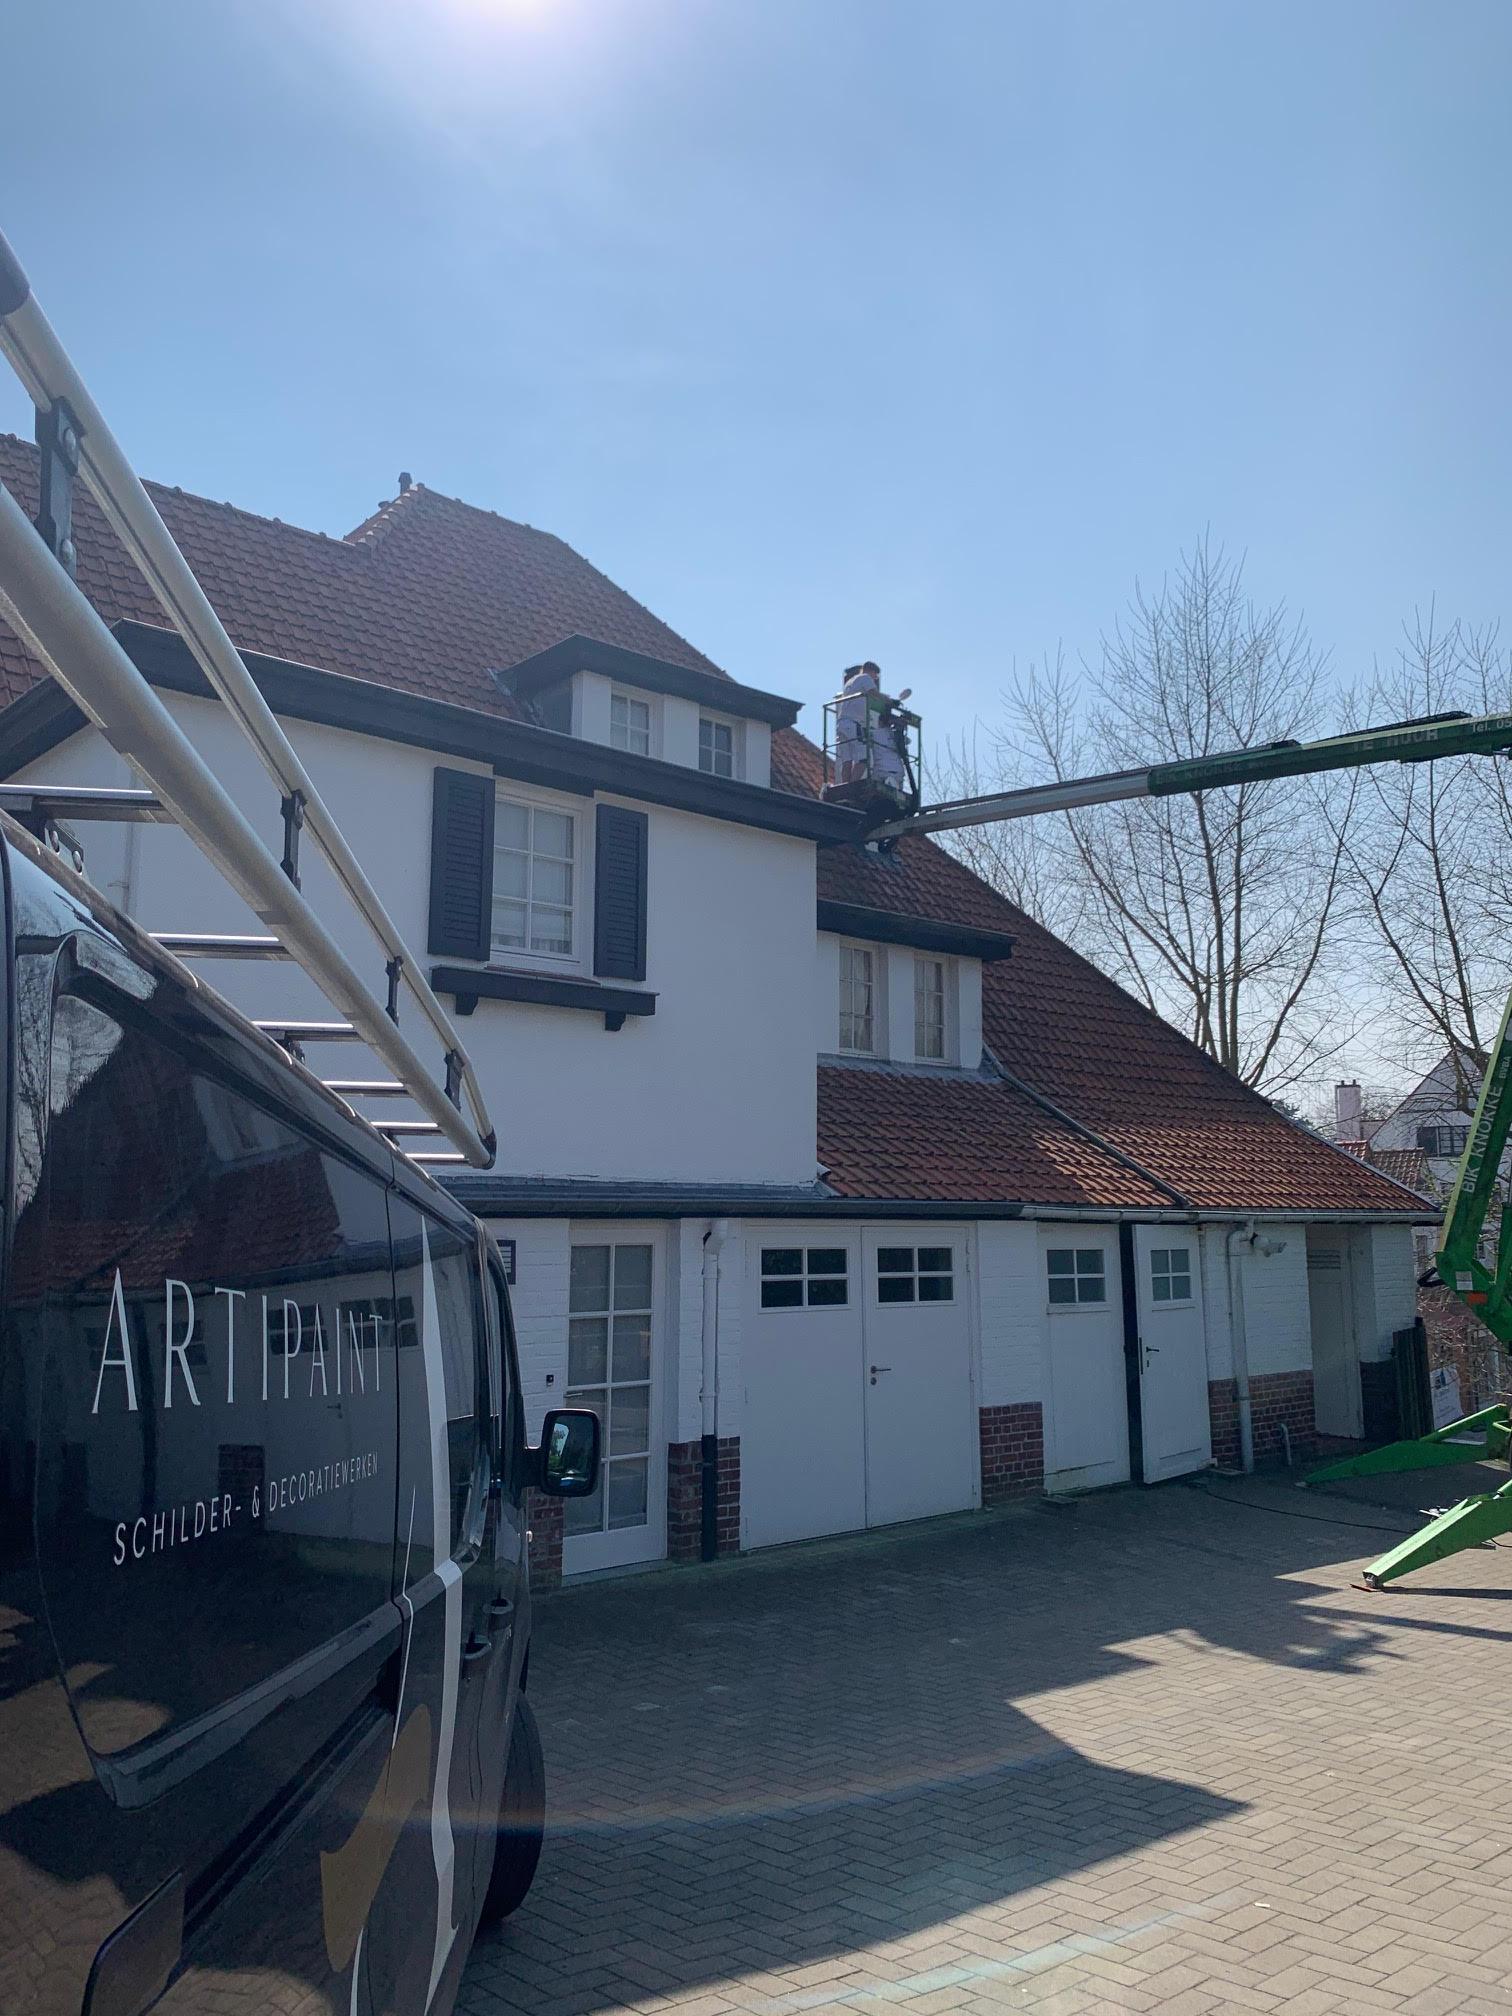 Afbeelding project Poolspad - Artipaint Schilderwerken en Interieur